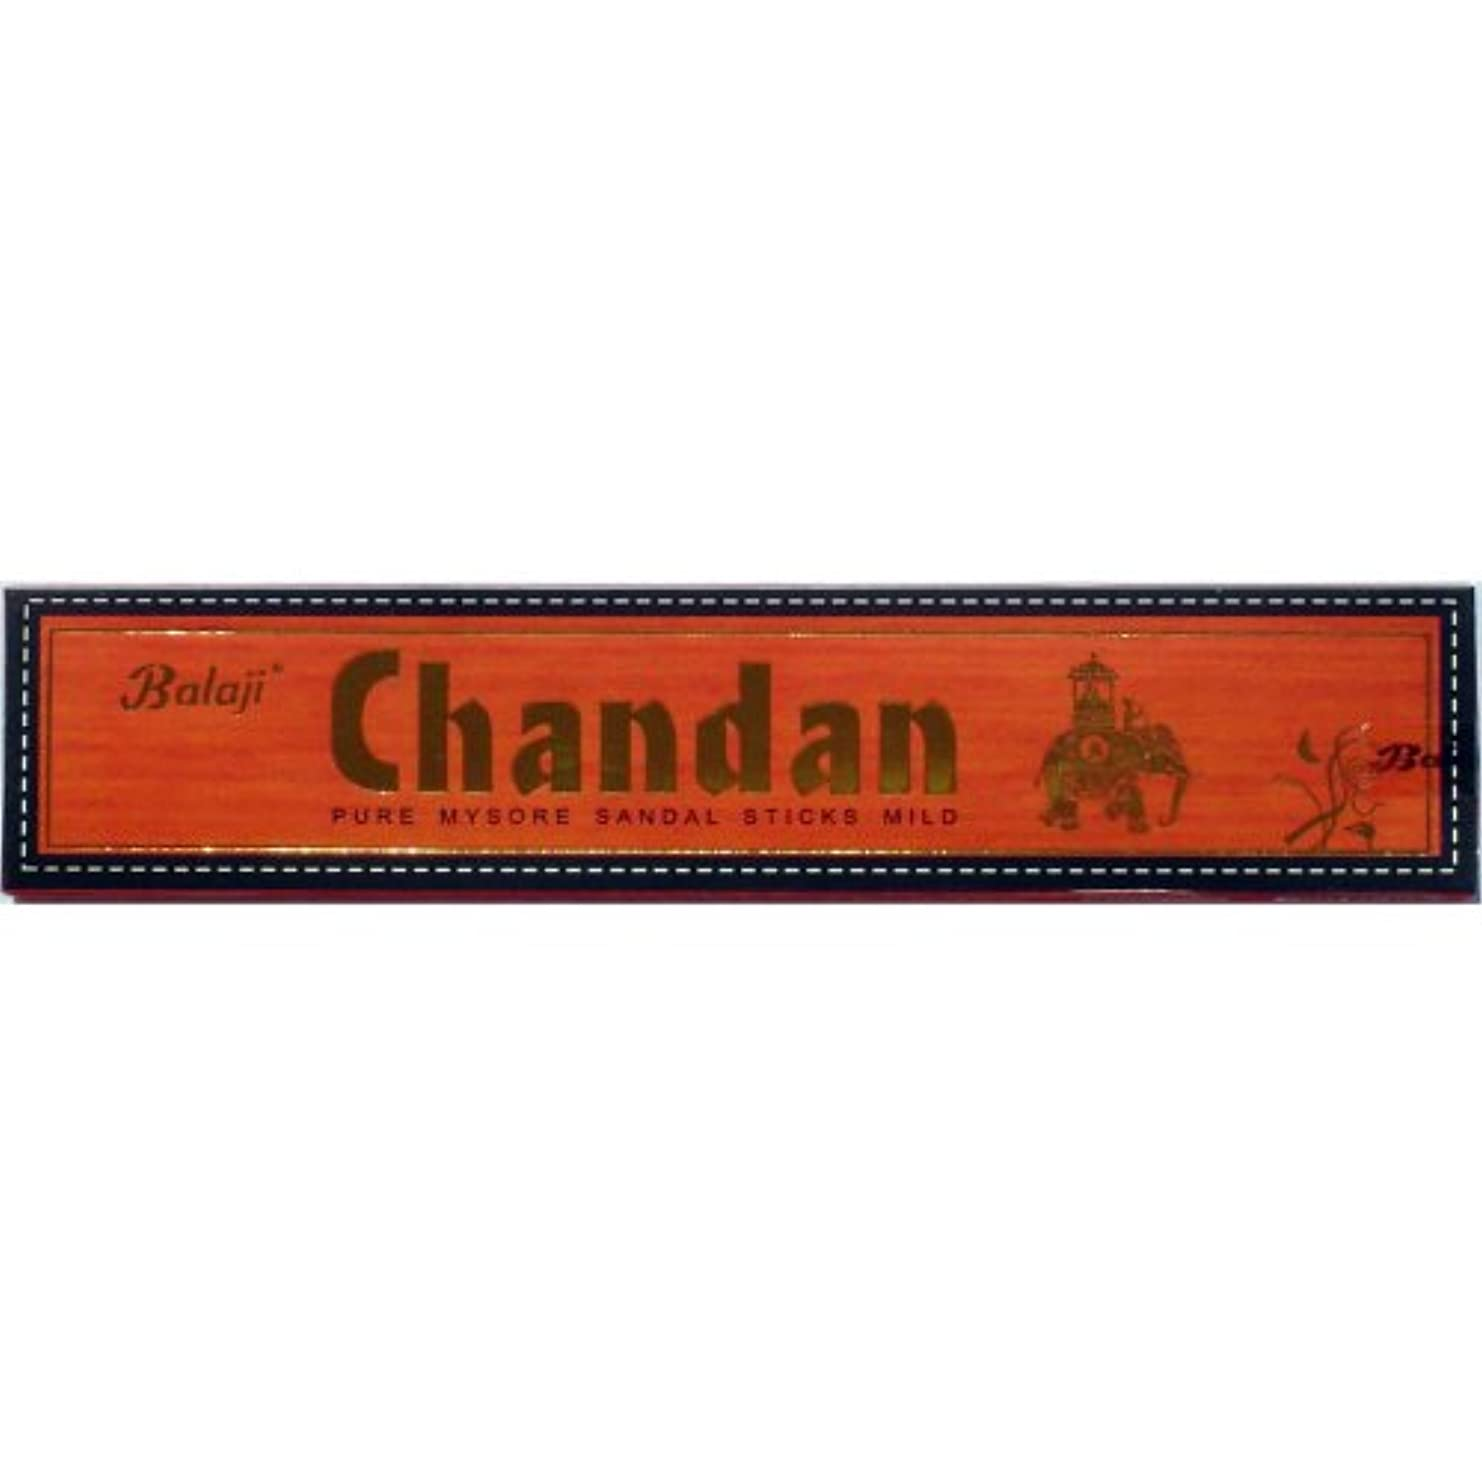 認識食事酸Chandan – Pure Mysore Sandal Sticks – Balaji製品 – 15スティックボックスボックス – 4ボックスのセット販売